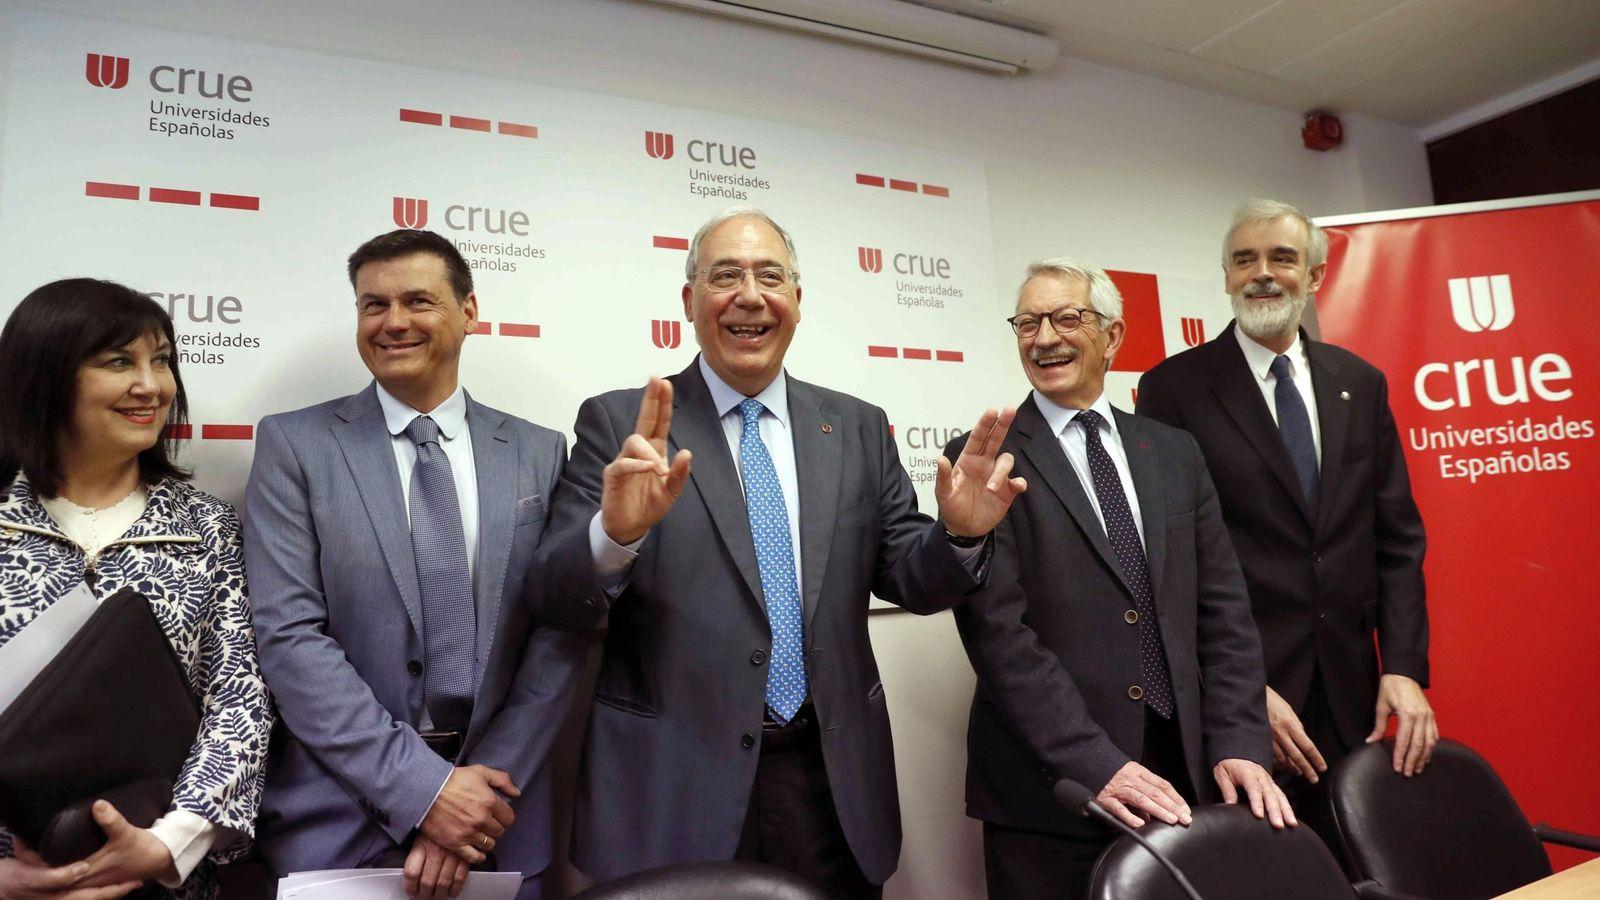 Foto: Los observadores de la CRUE, Carmen Ruiz y José Ángel Contreras; el presidente, Roberto Fernández; y los vicepresidentes de la CRUE, Alejandro Tiana y Julio Luis Martínez. (EFE)